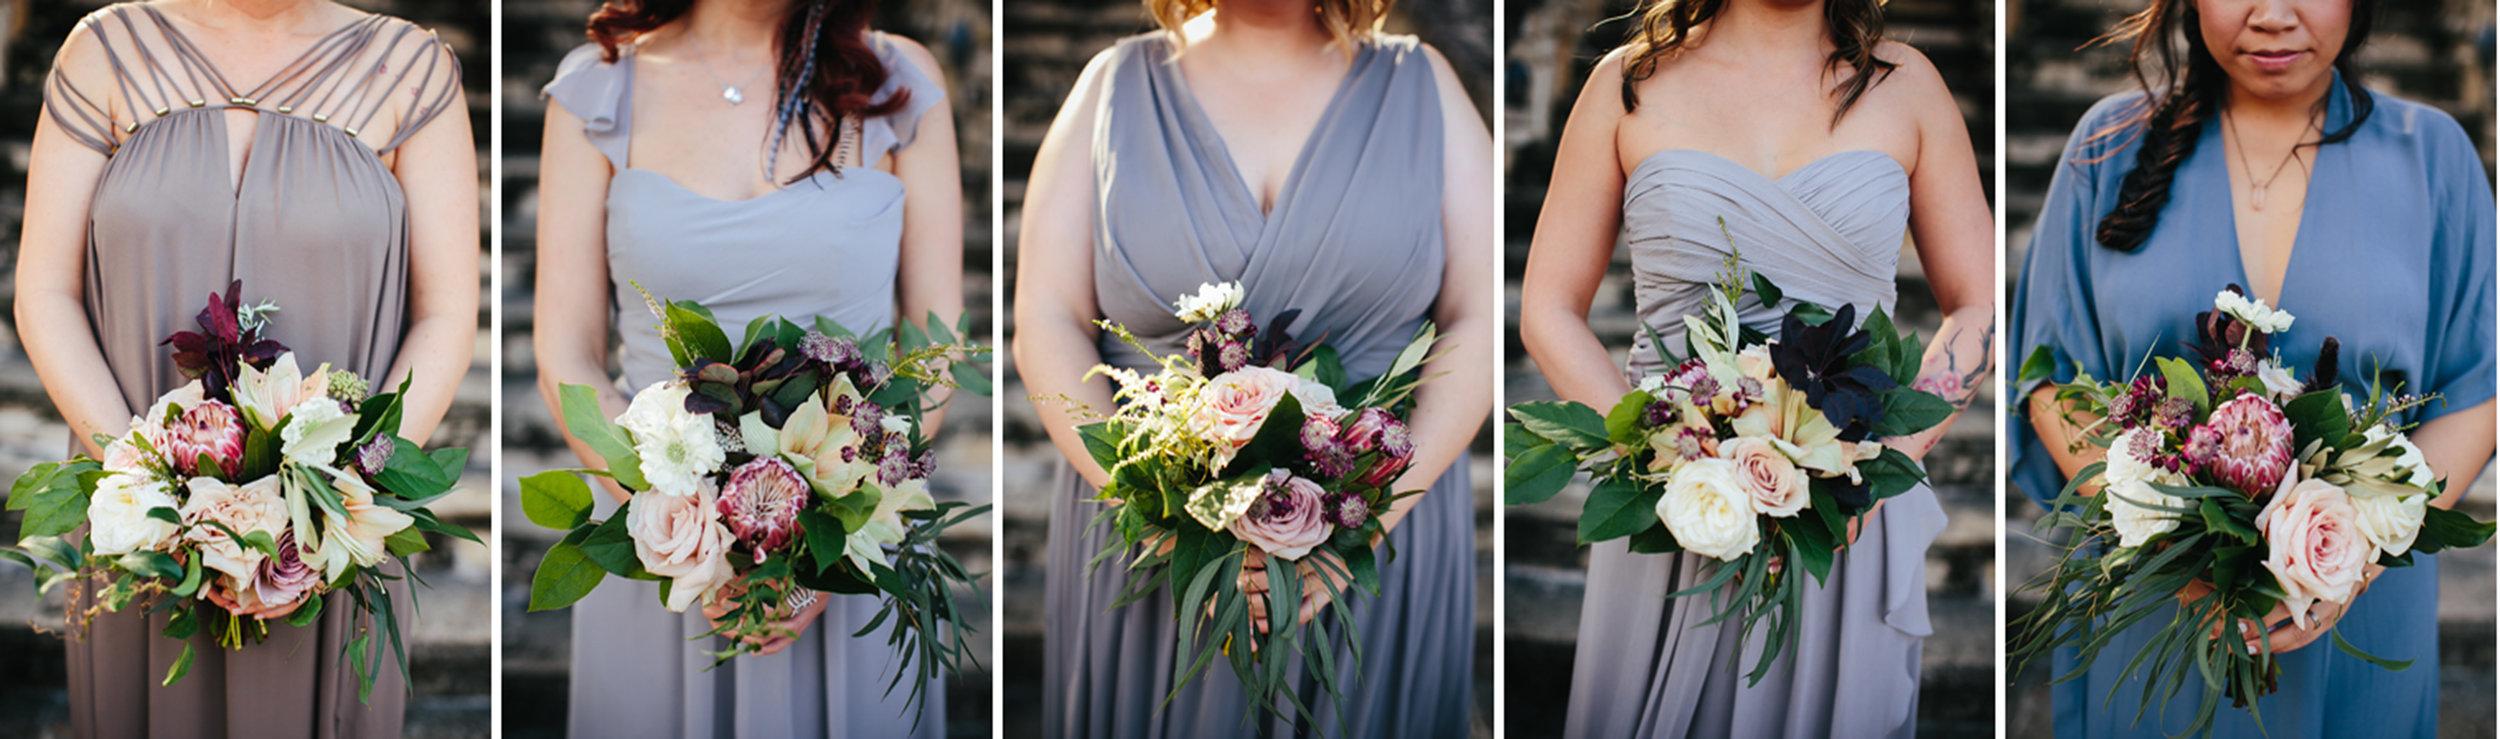 austin_WeddingPhotographer_016.jpg